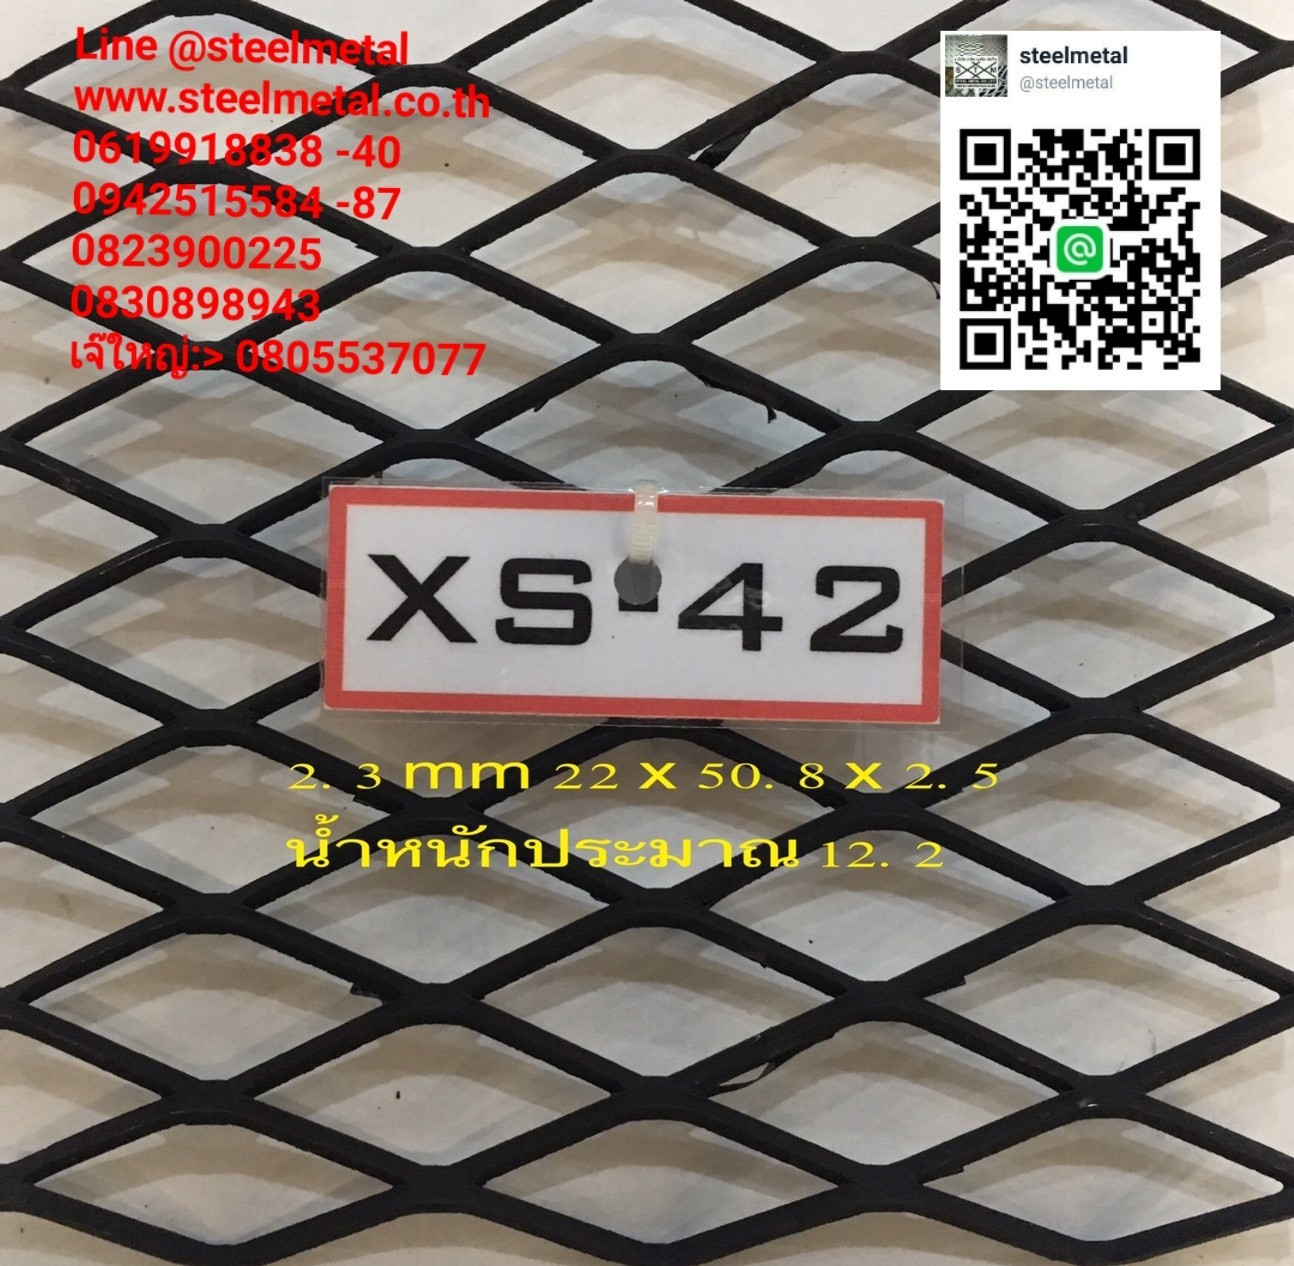 ตะแกรงเหล็กฉีกXS-42